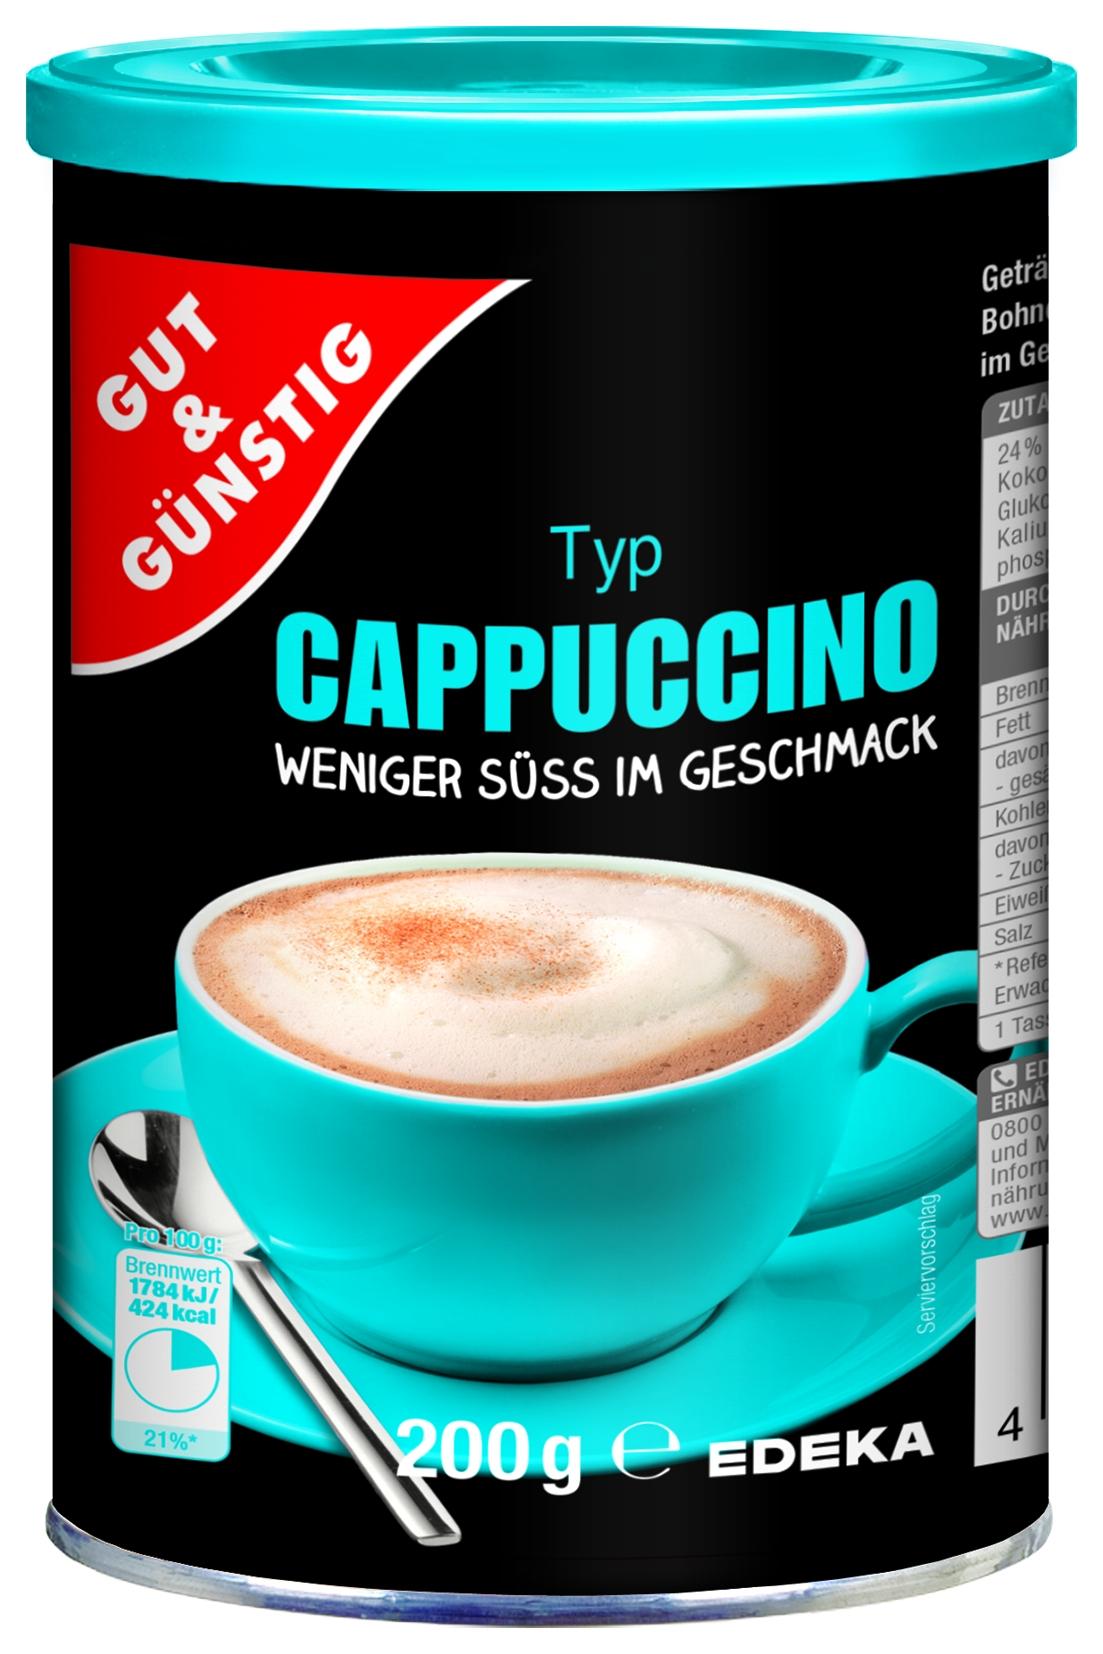 Cappuccino weniger Süß